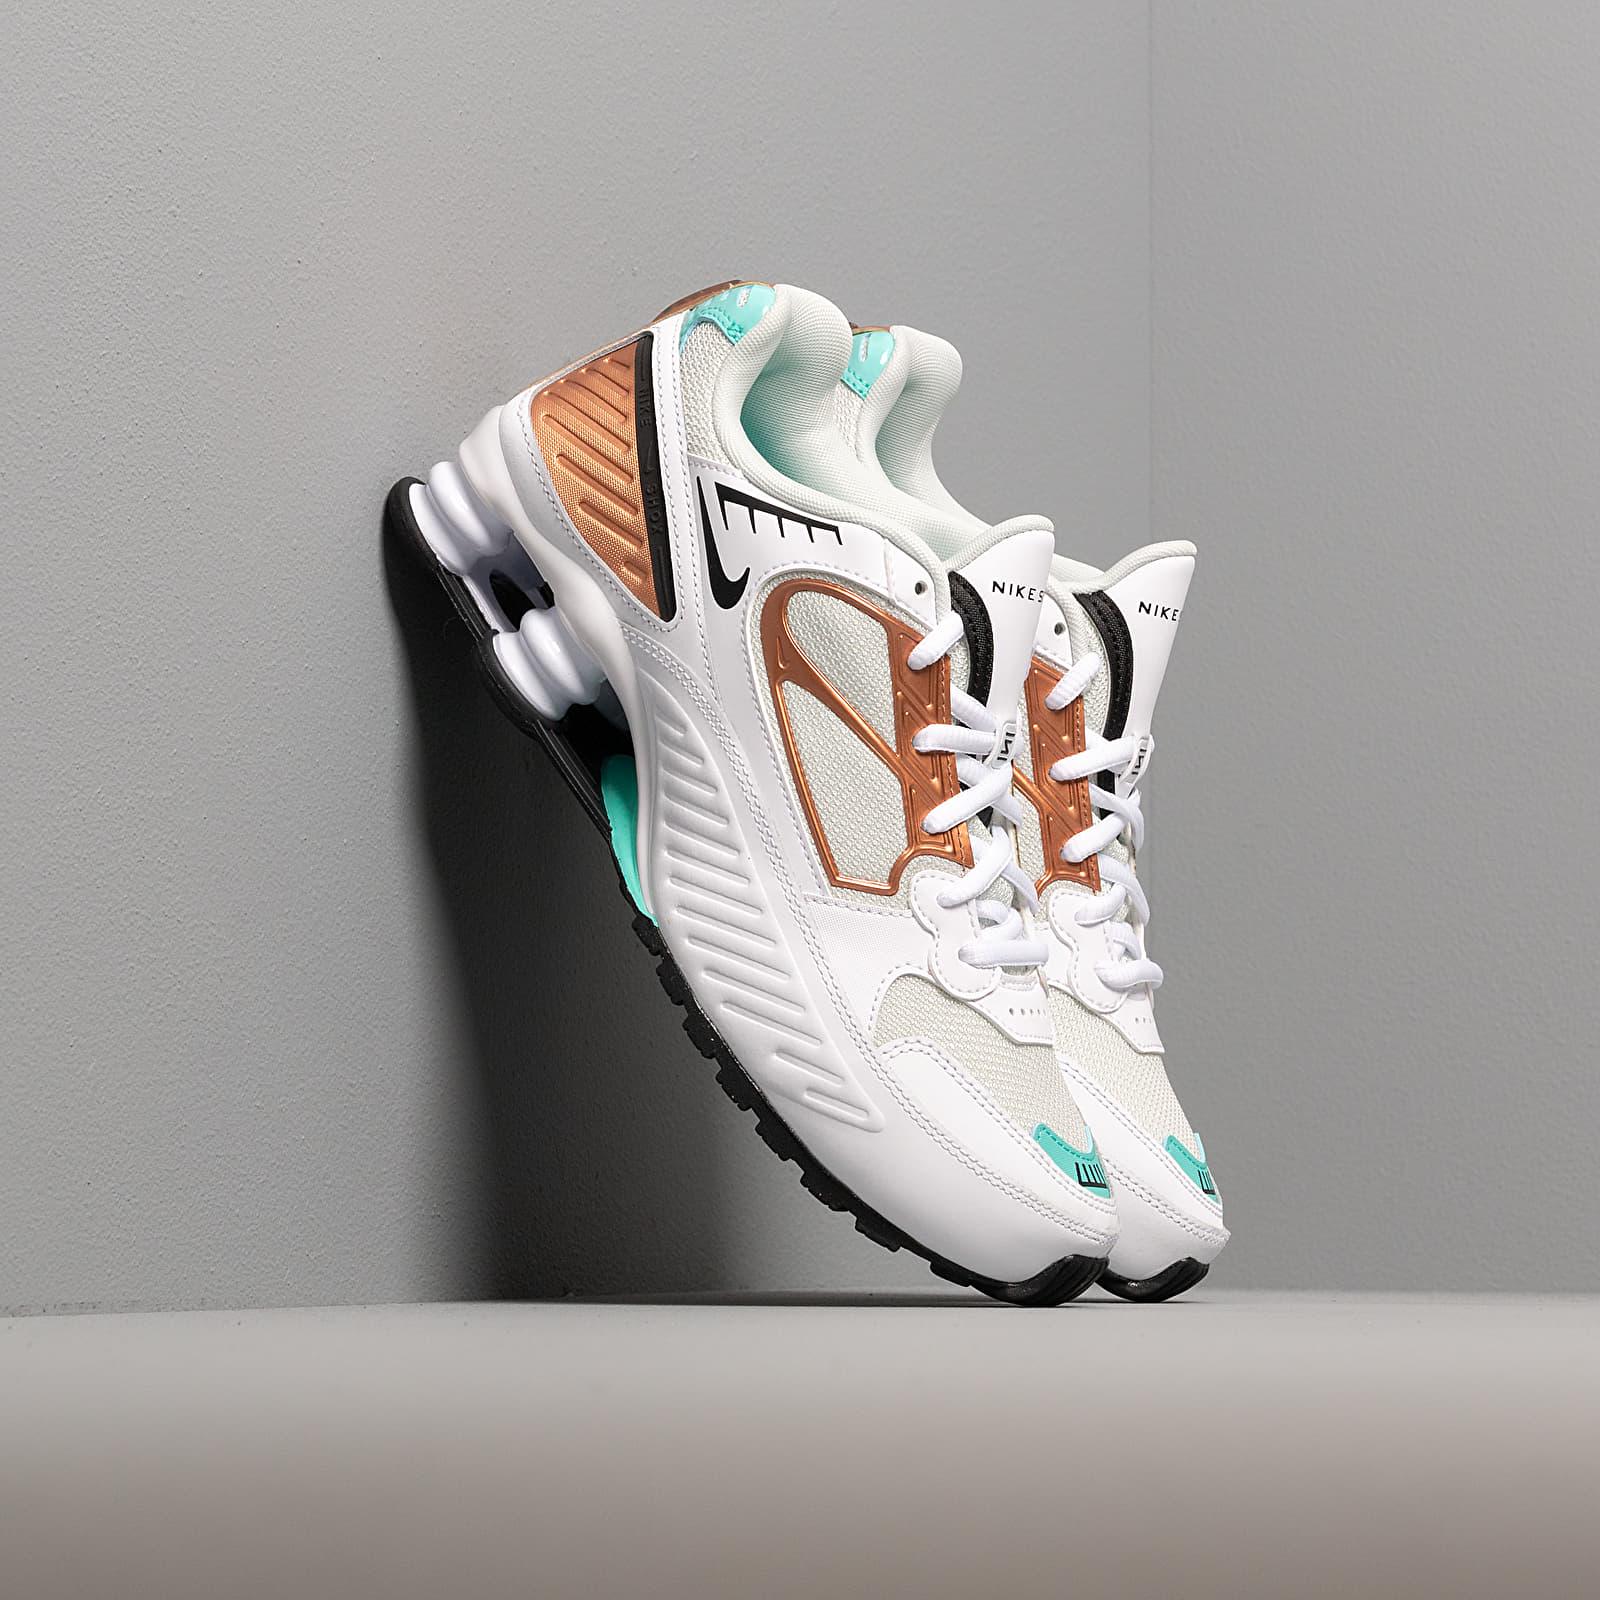 Dámské tenisky a boty Nike W Shox Enigma 9000 White/ Black-Spruce Aura-Aurora Green